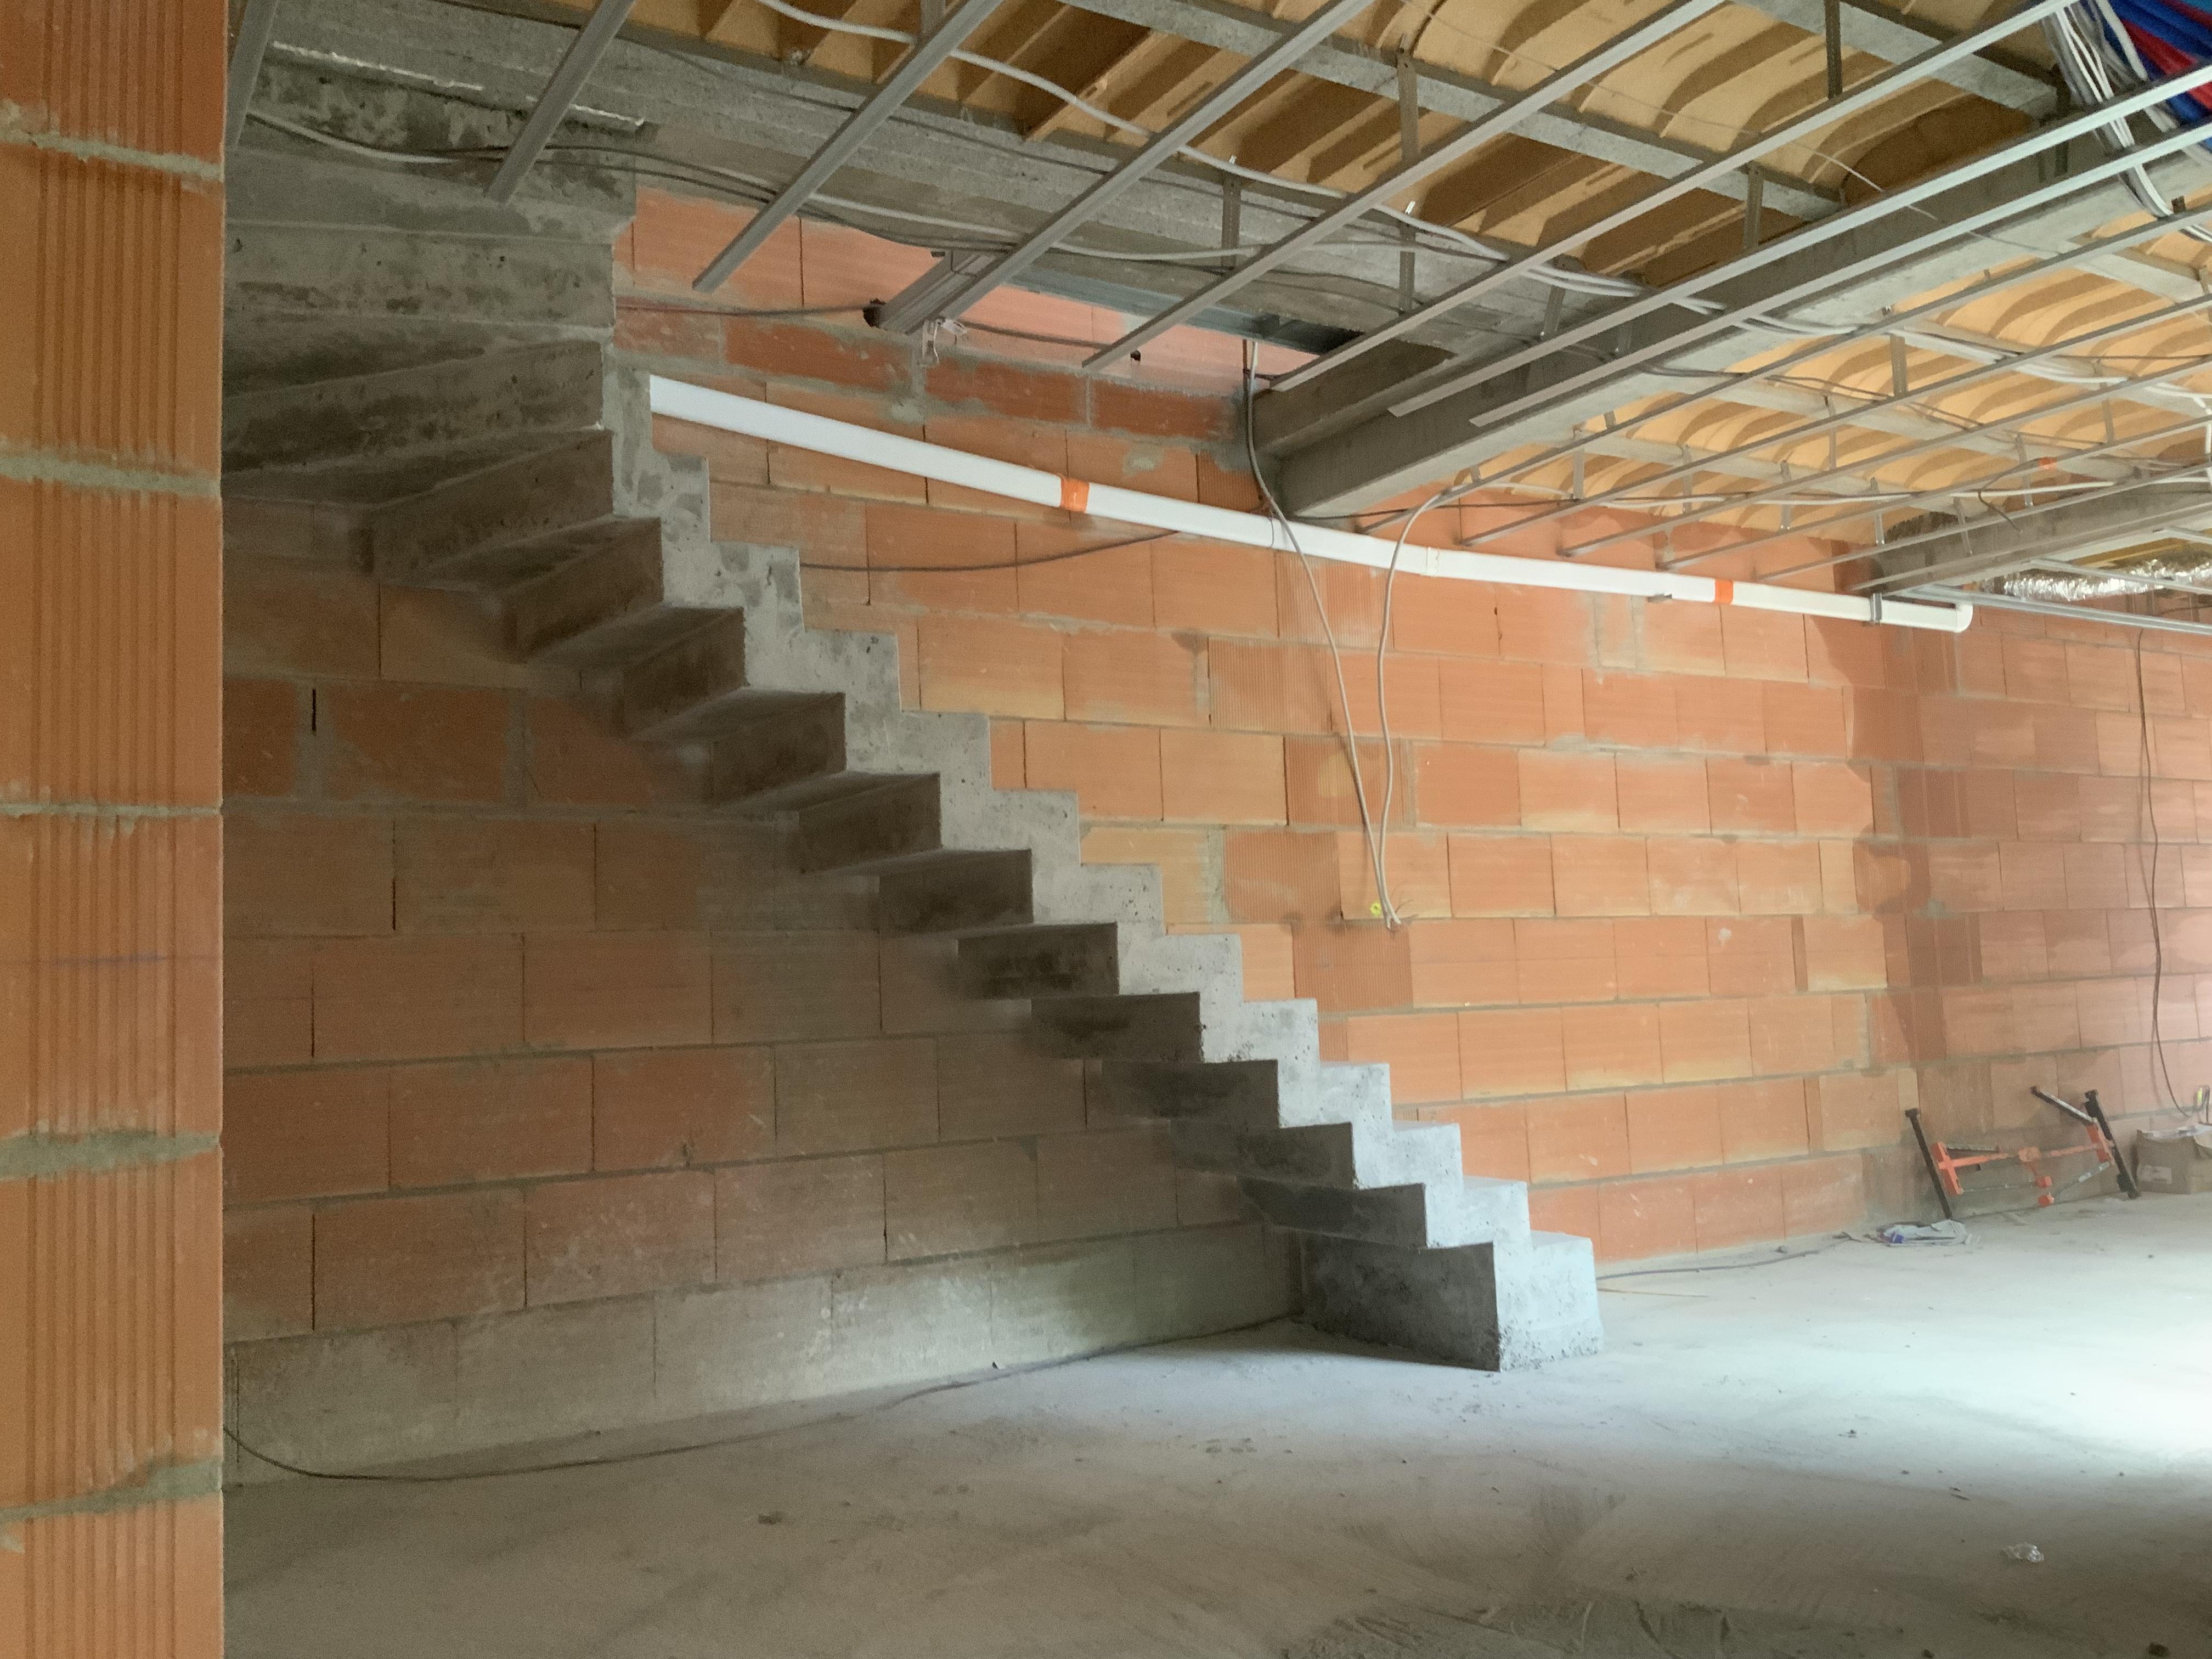 L'escalier béton sera ici un élément de décoration dans une pièce à vivre